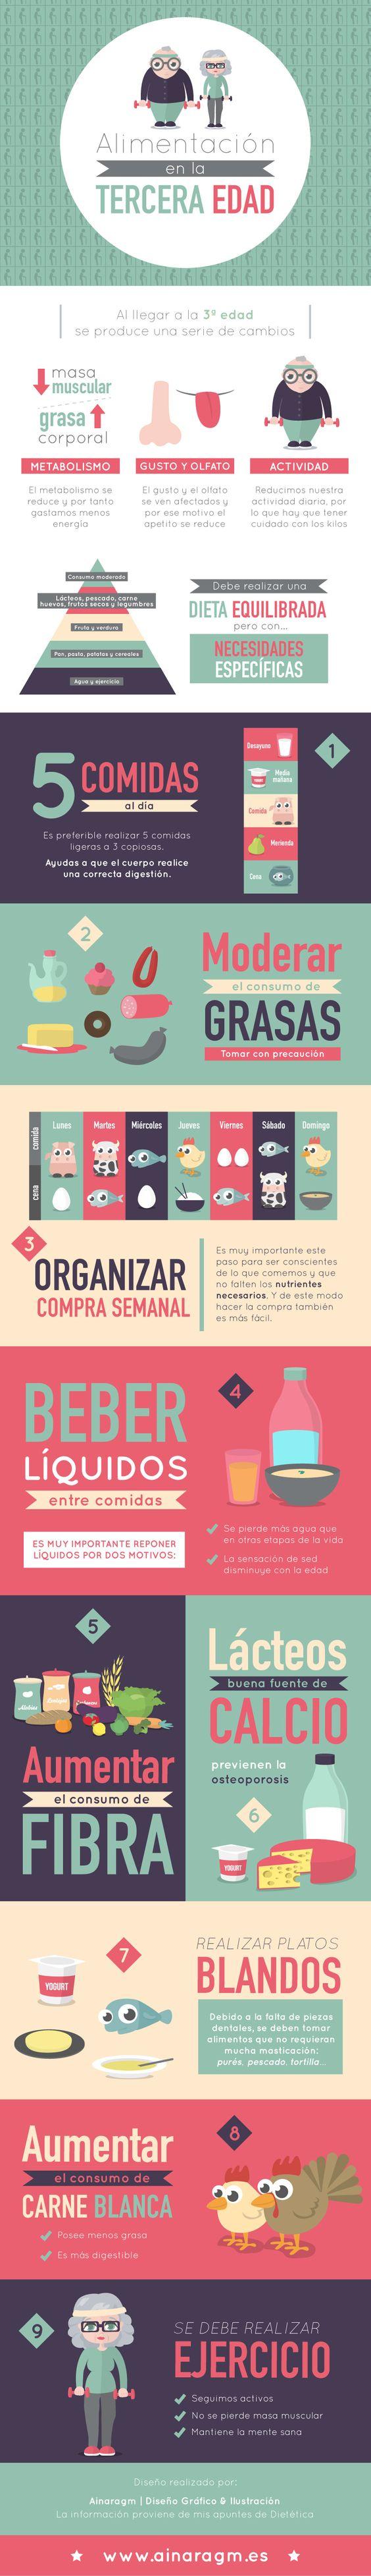 #Infografia sobre la alimentación en la #TerceraEdad